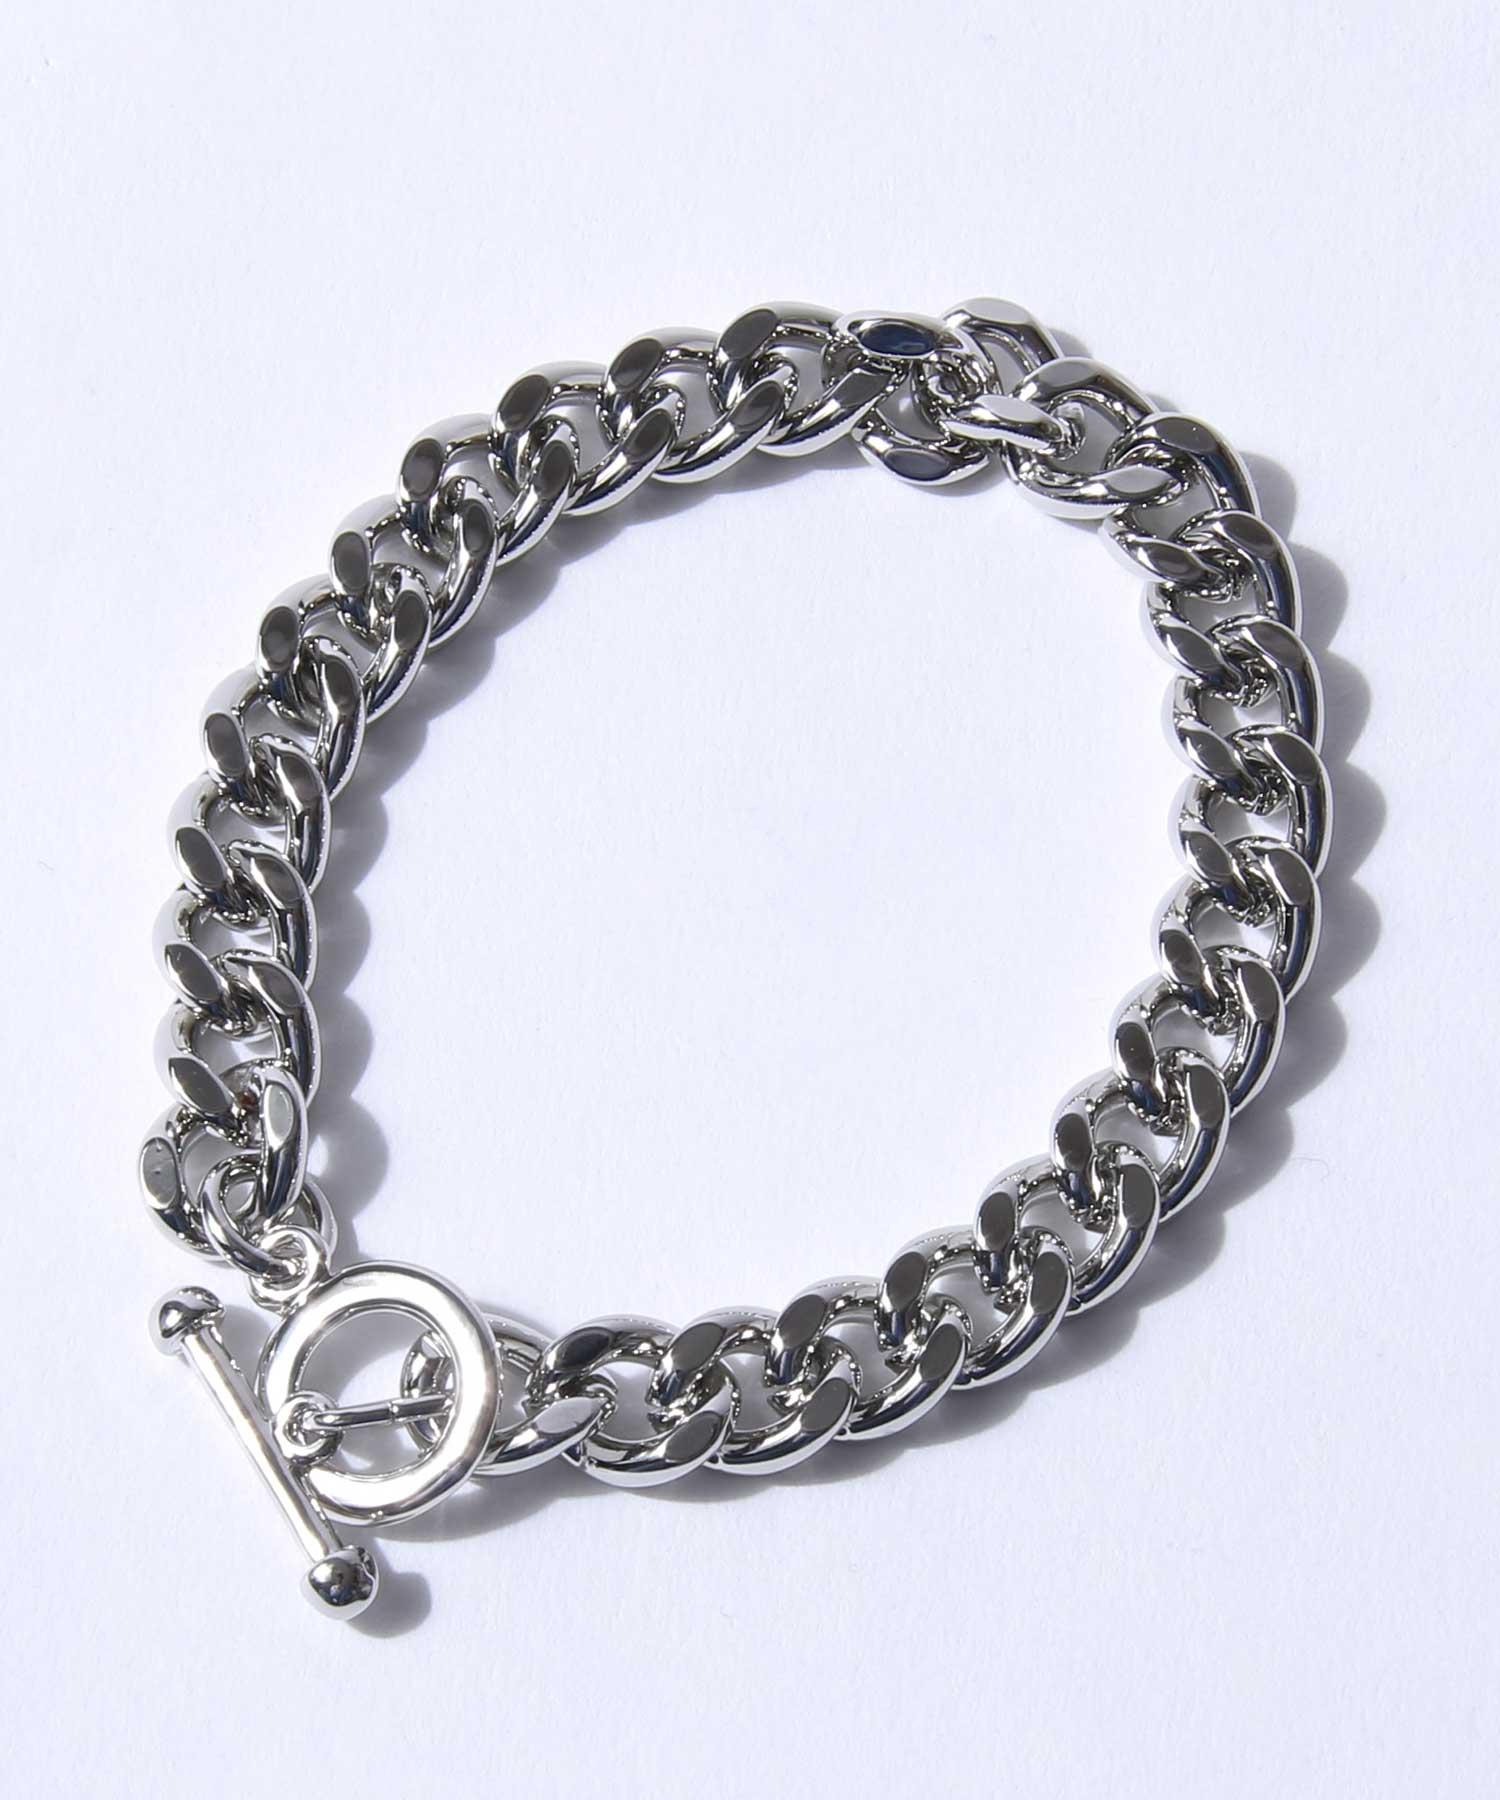 【Nilway】鎖鏈手環